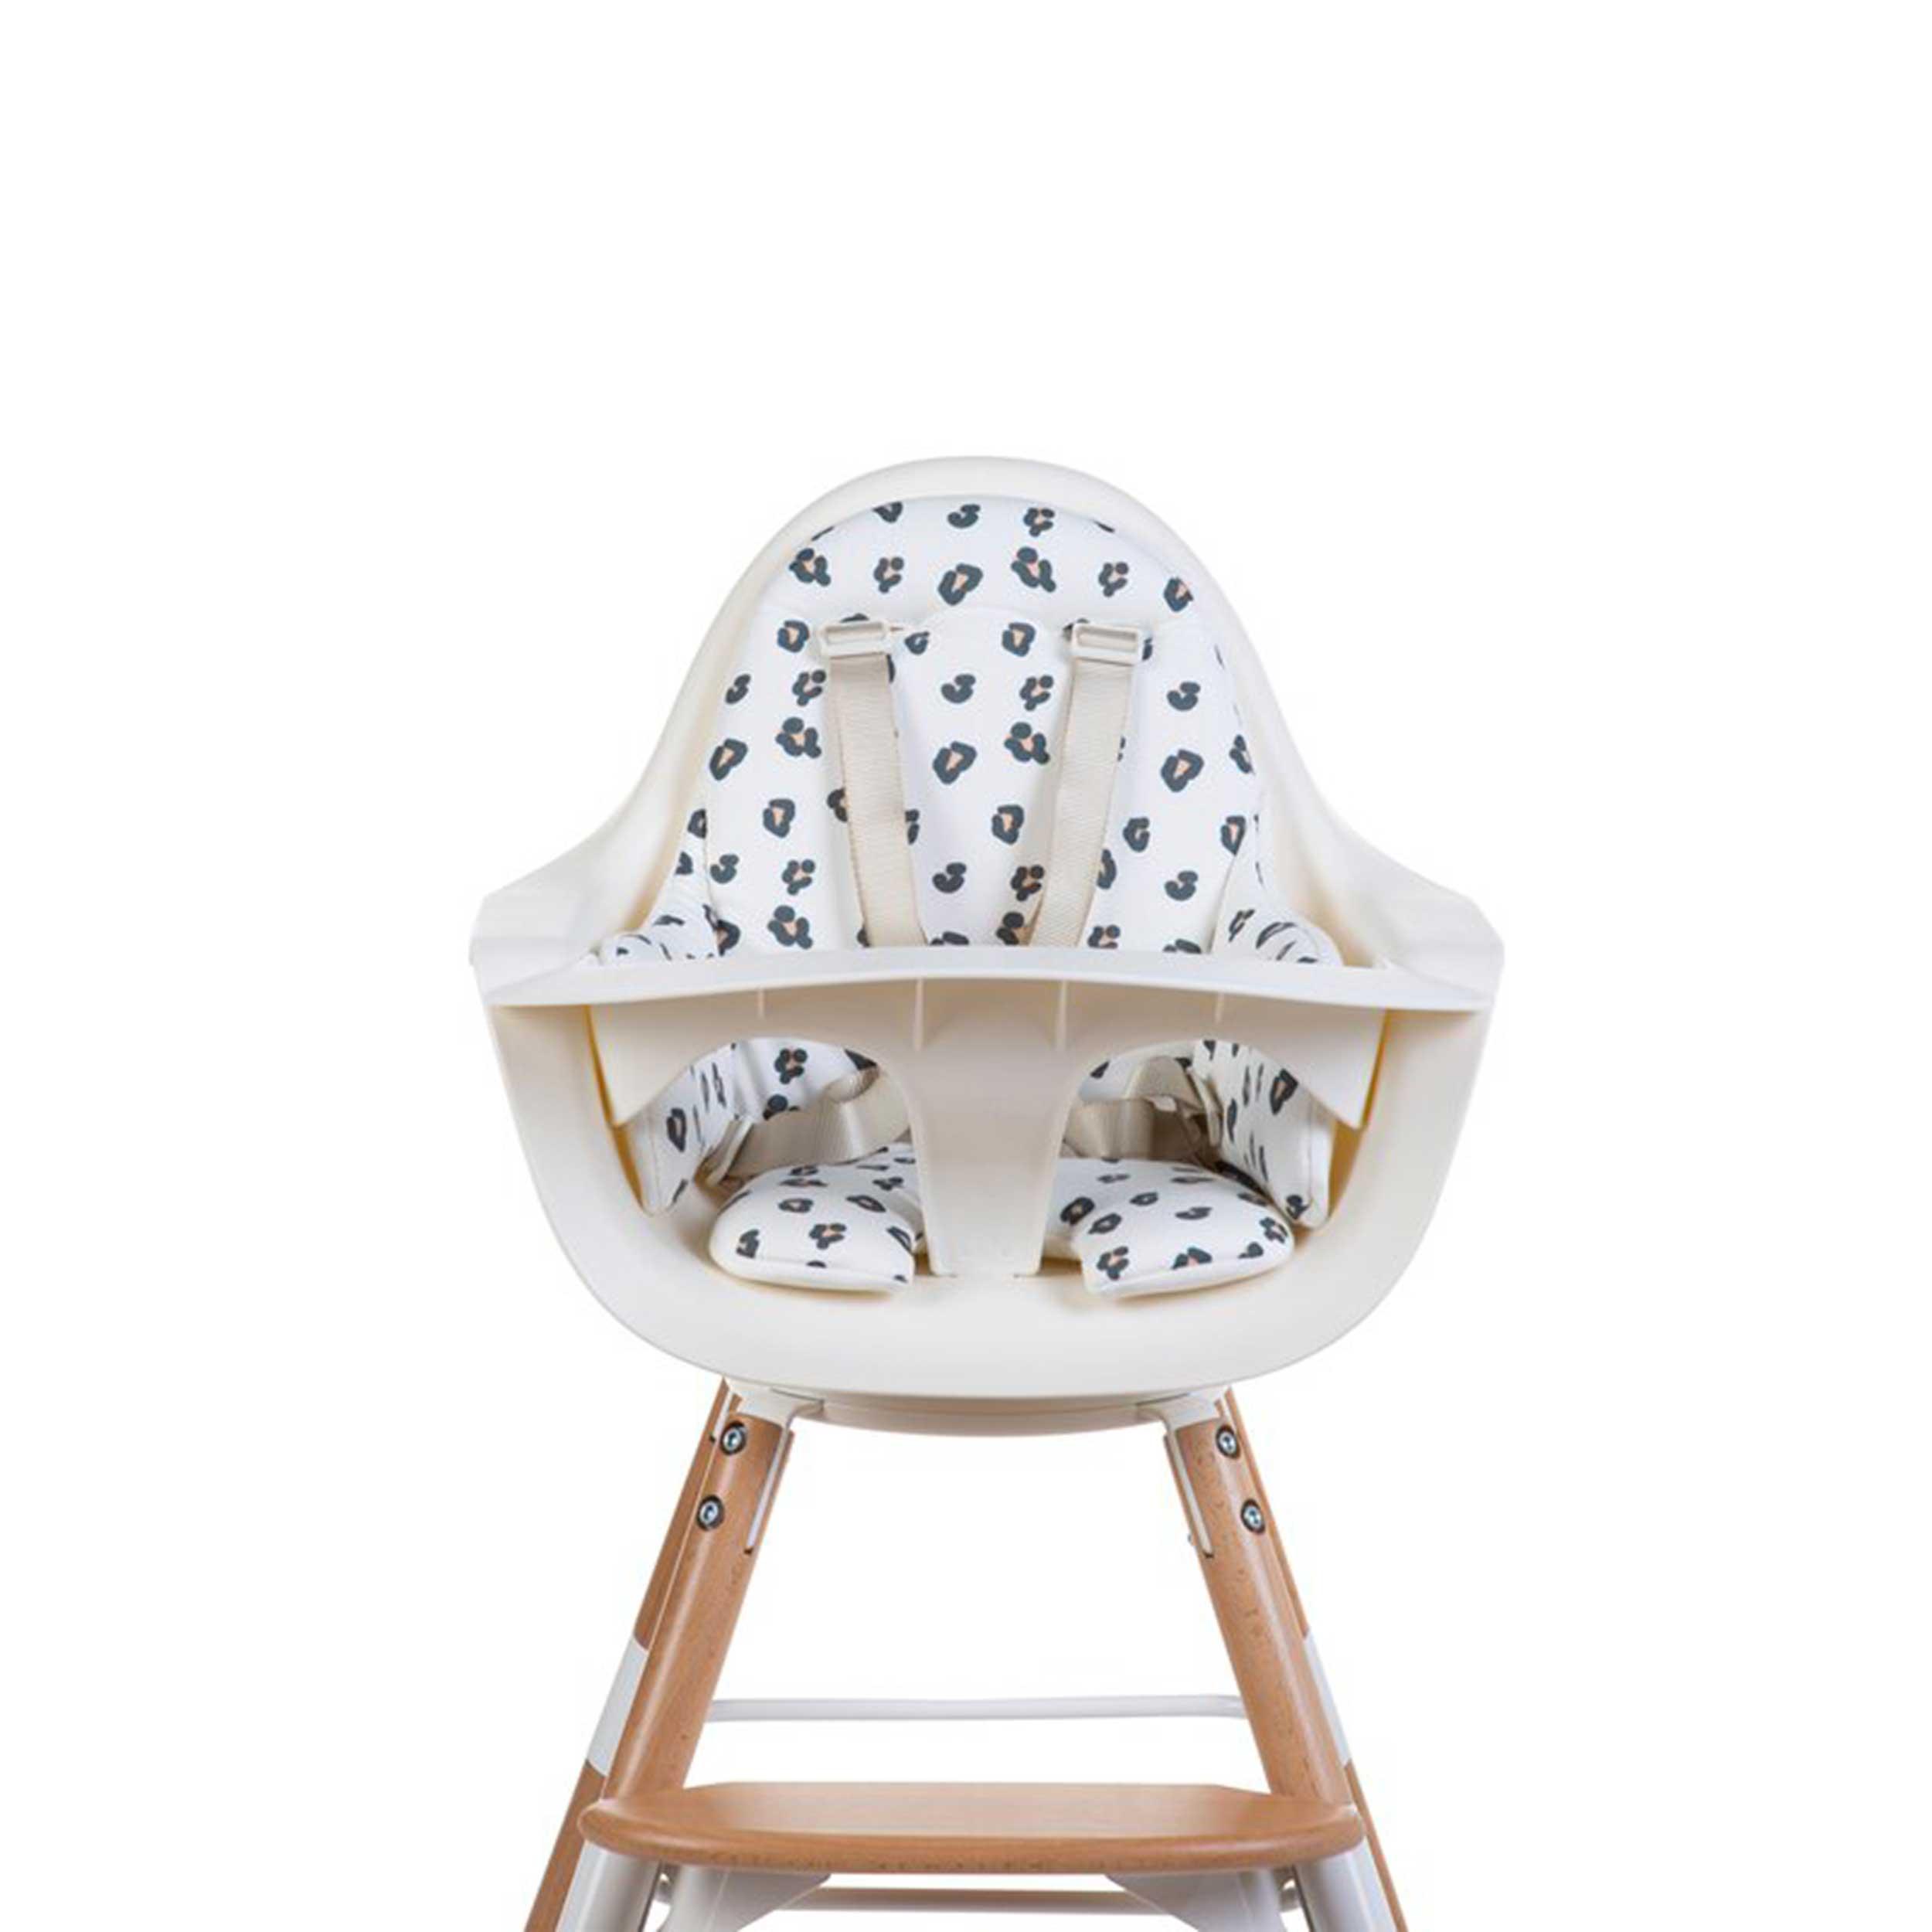 CHILDHOME Zitkussen voor kinderstoel Evolu luipaardprint